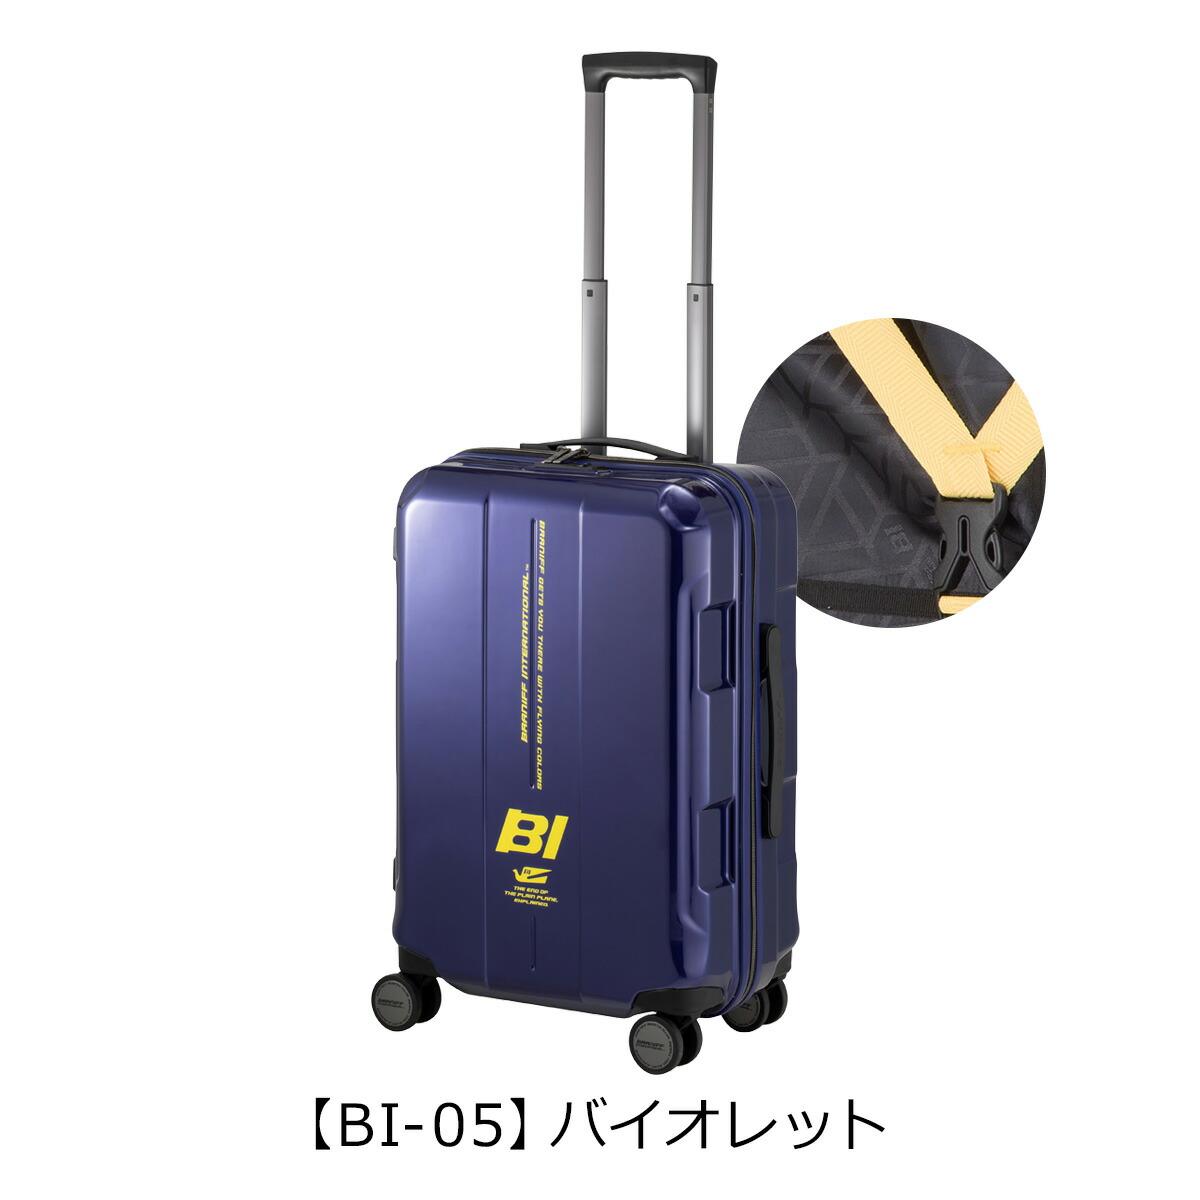 【BI-05】バイオレット